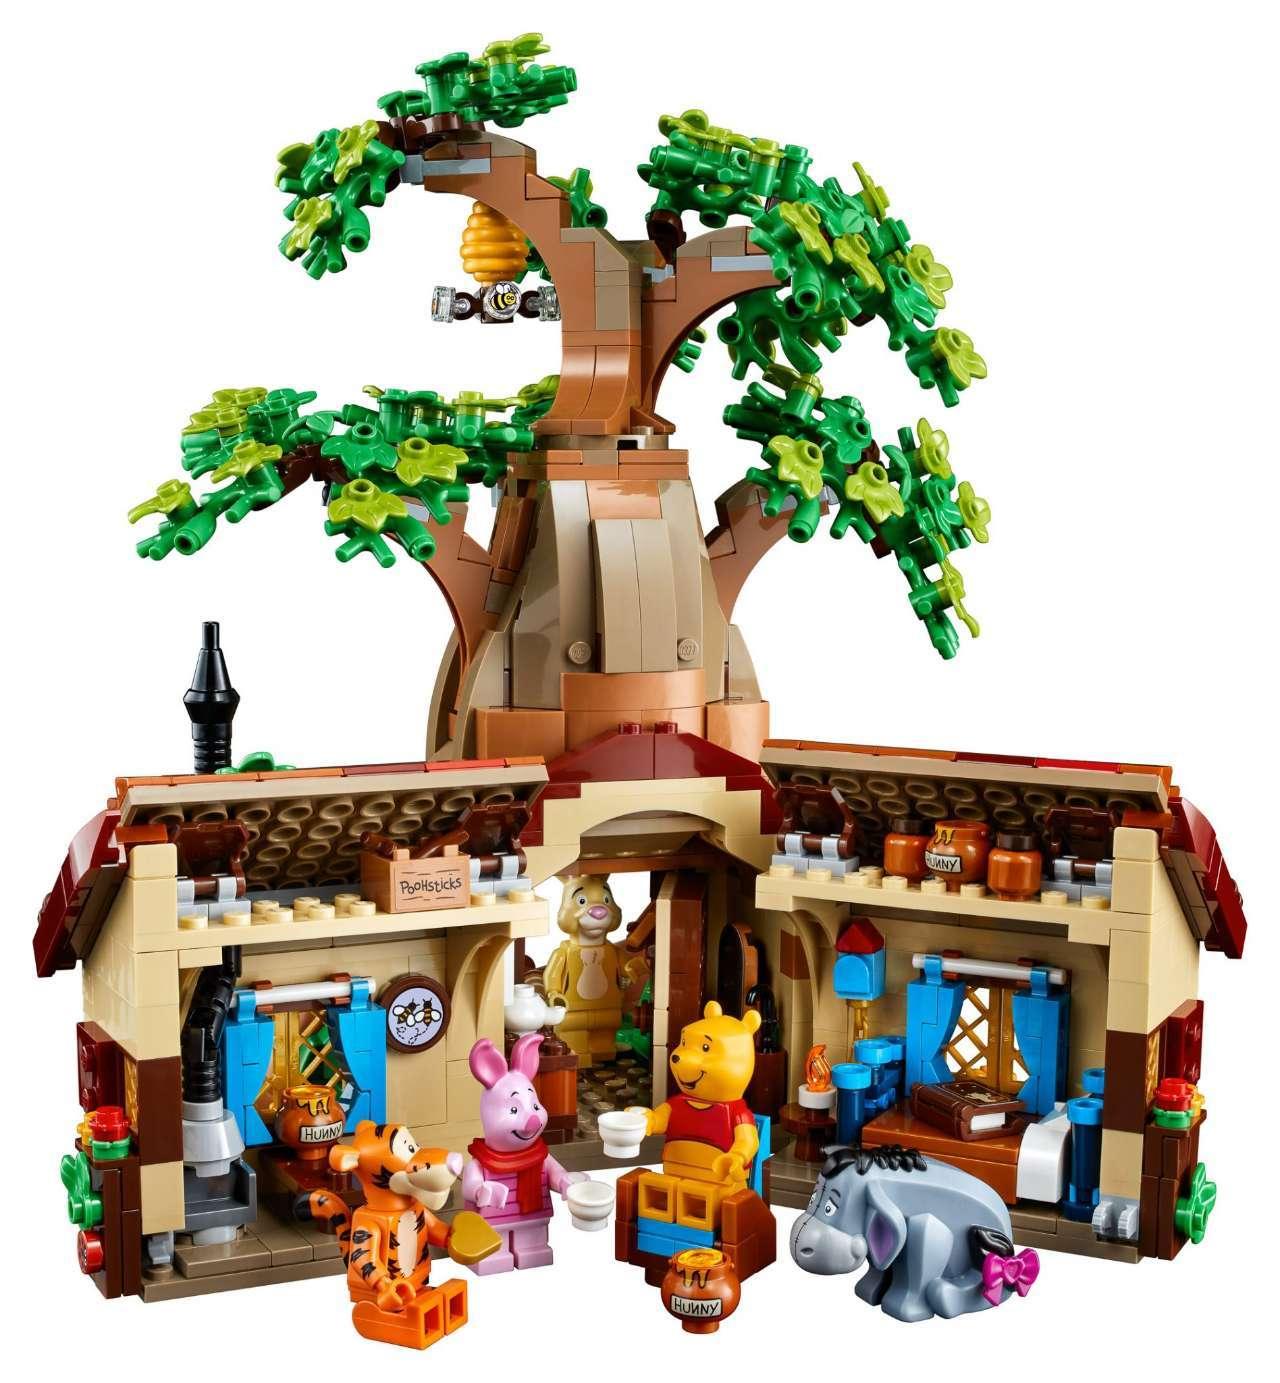 lego-ideas-winnie-the-pooh-3